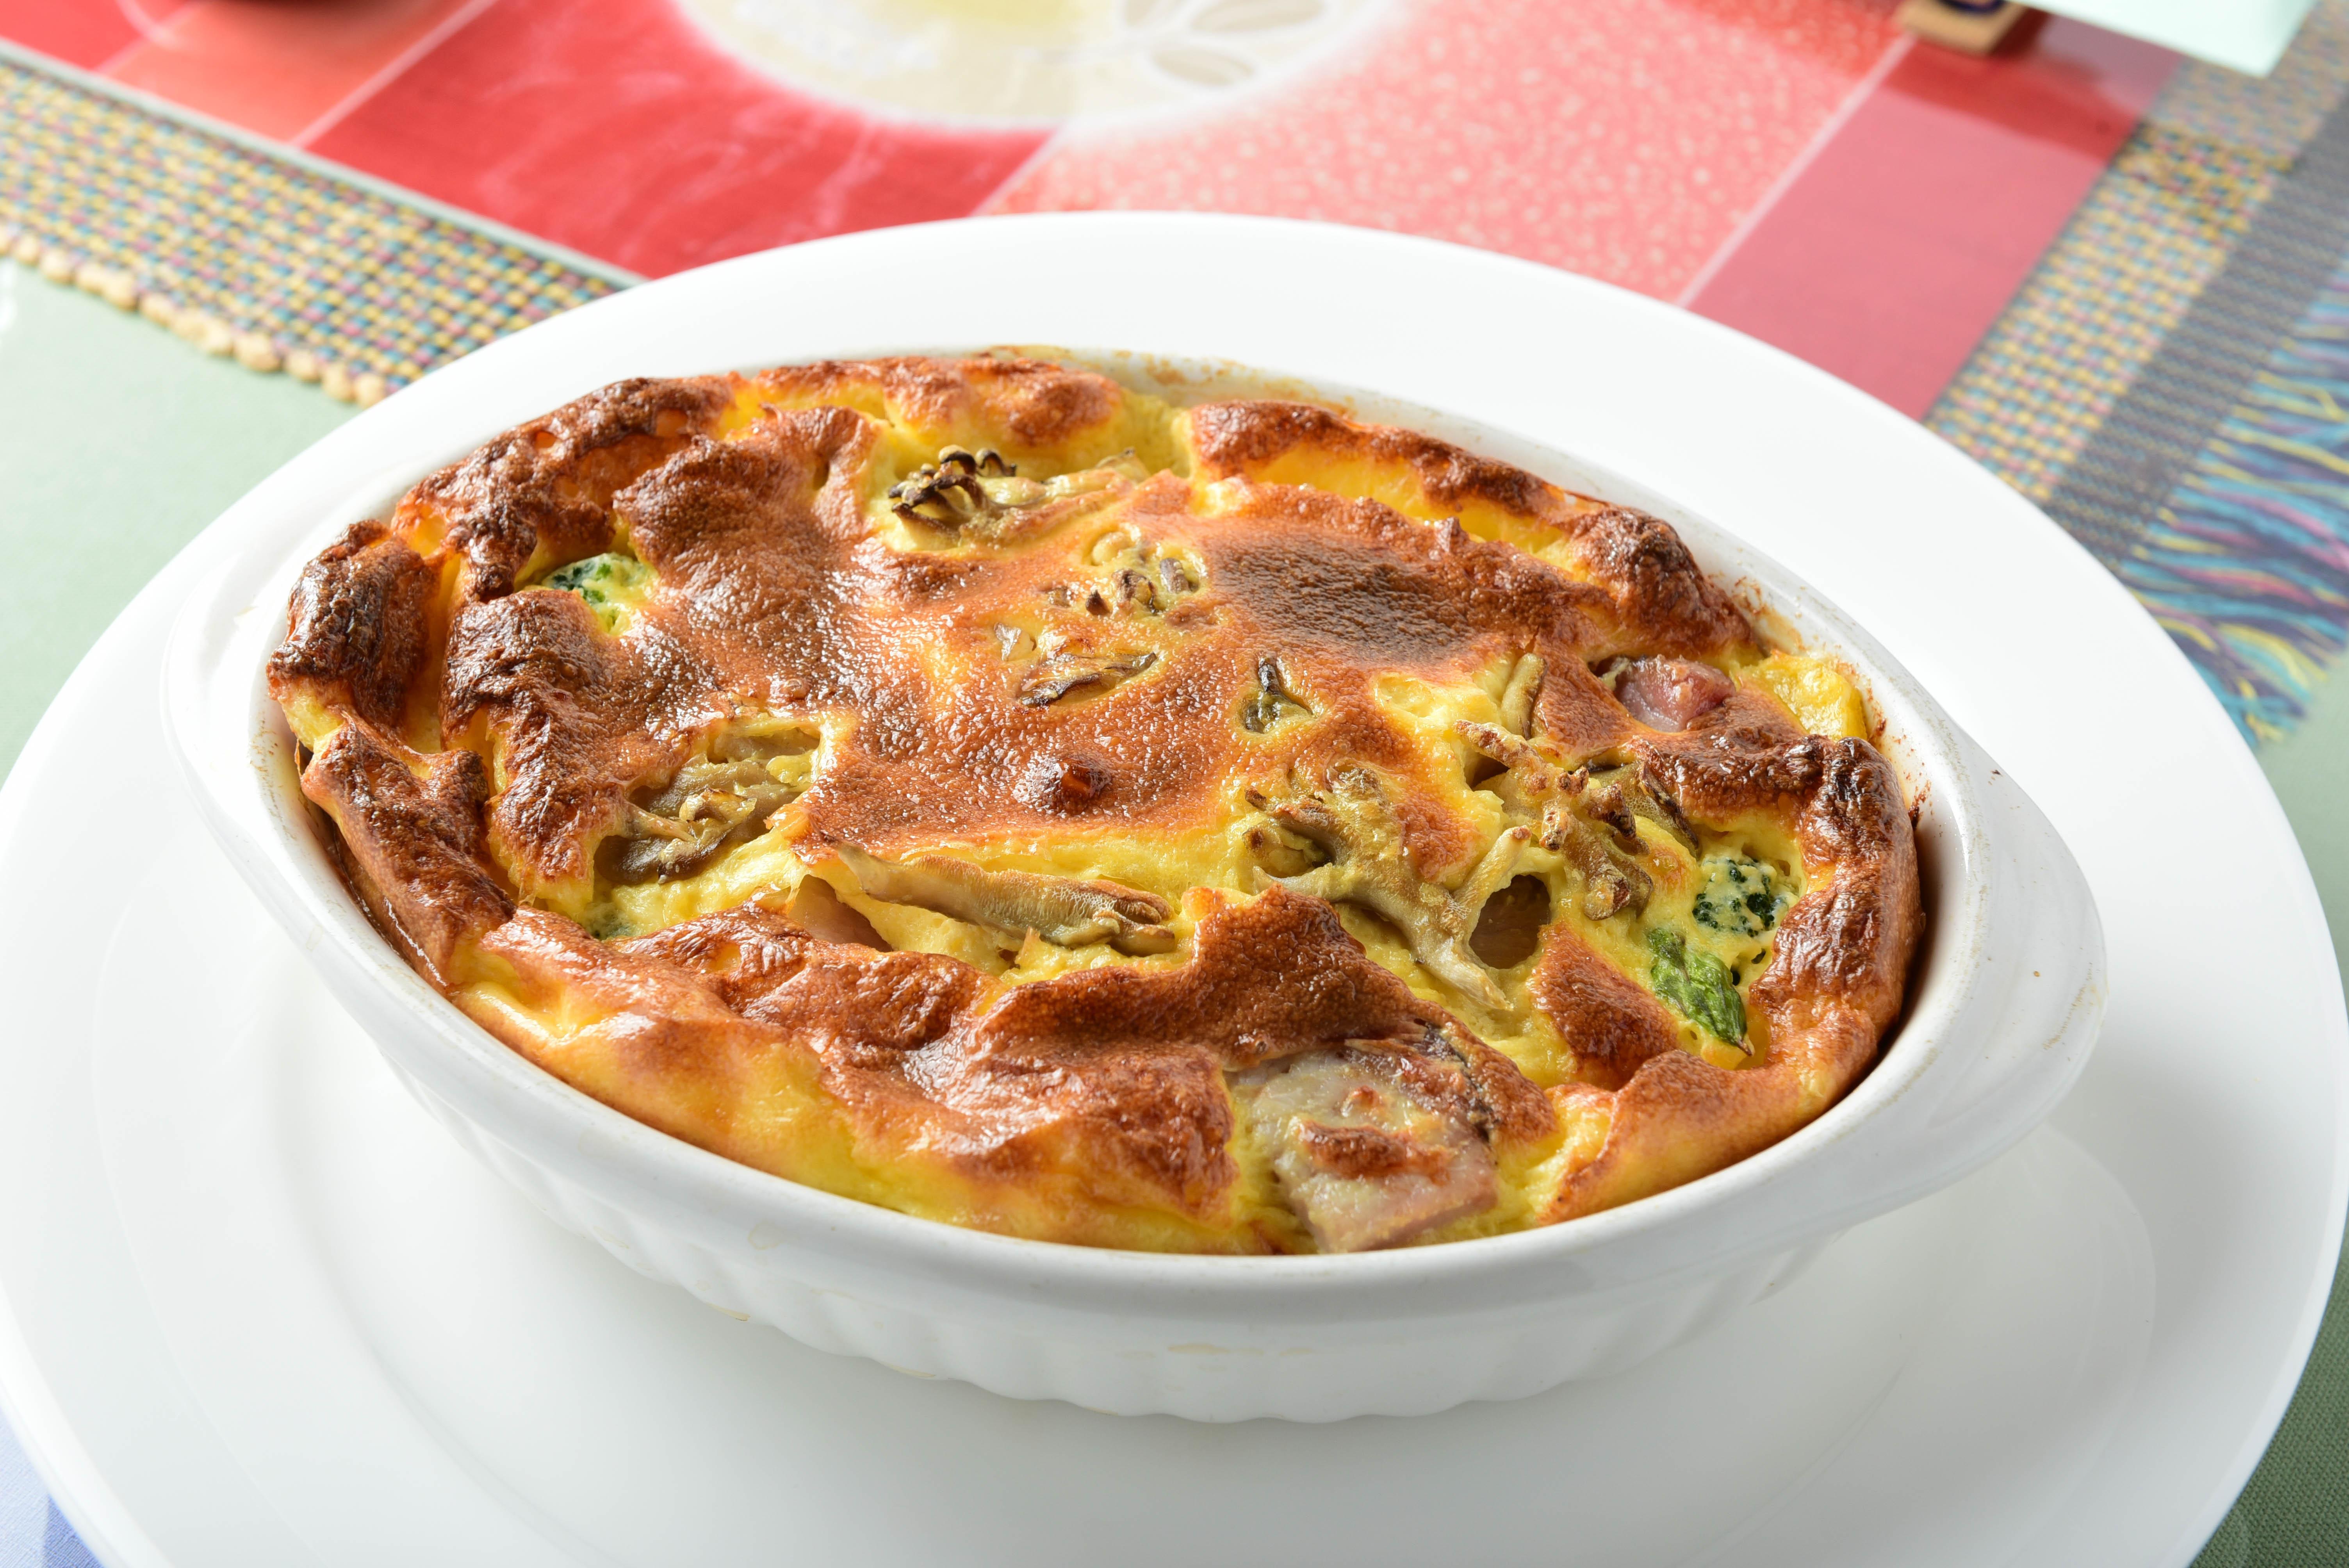 ディナー 野菜いっぱいのキッシュ/ステーキ/スープ/サラダ/フォンデュー